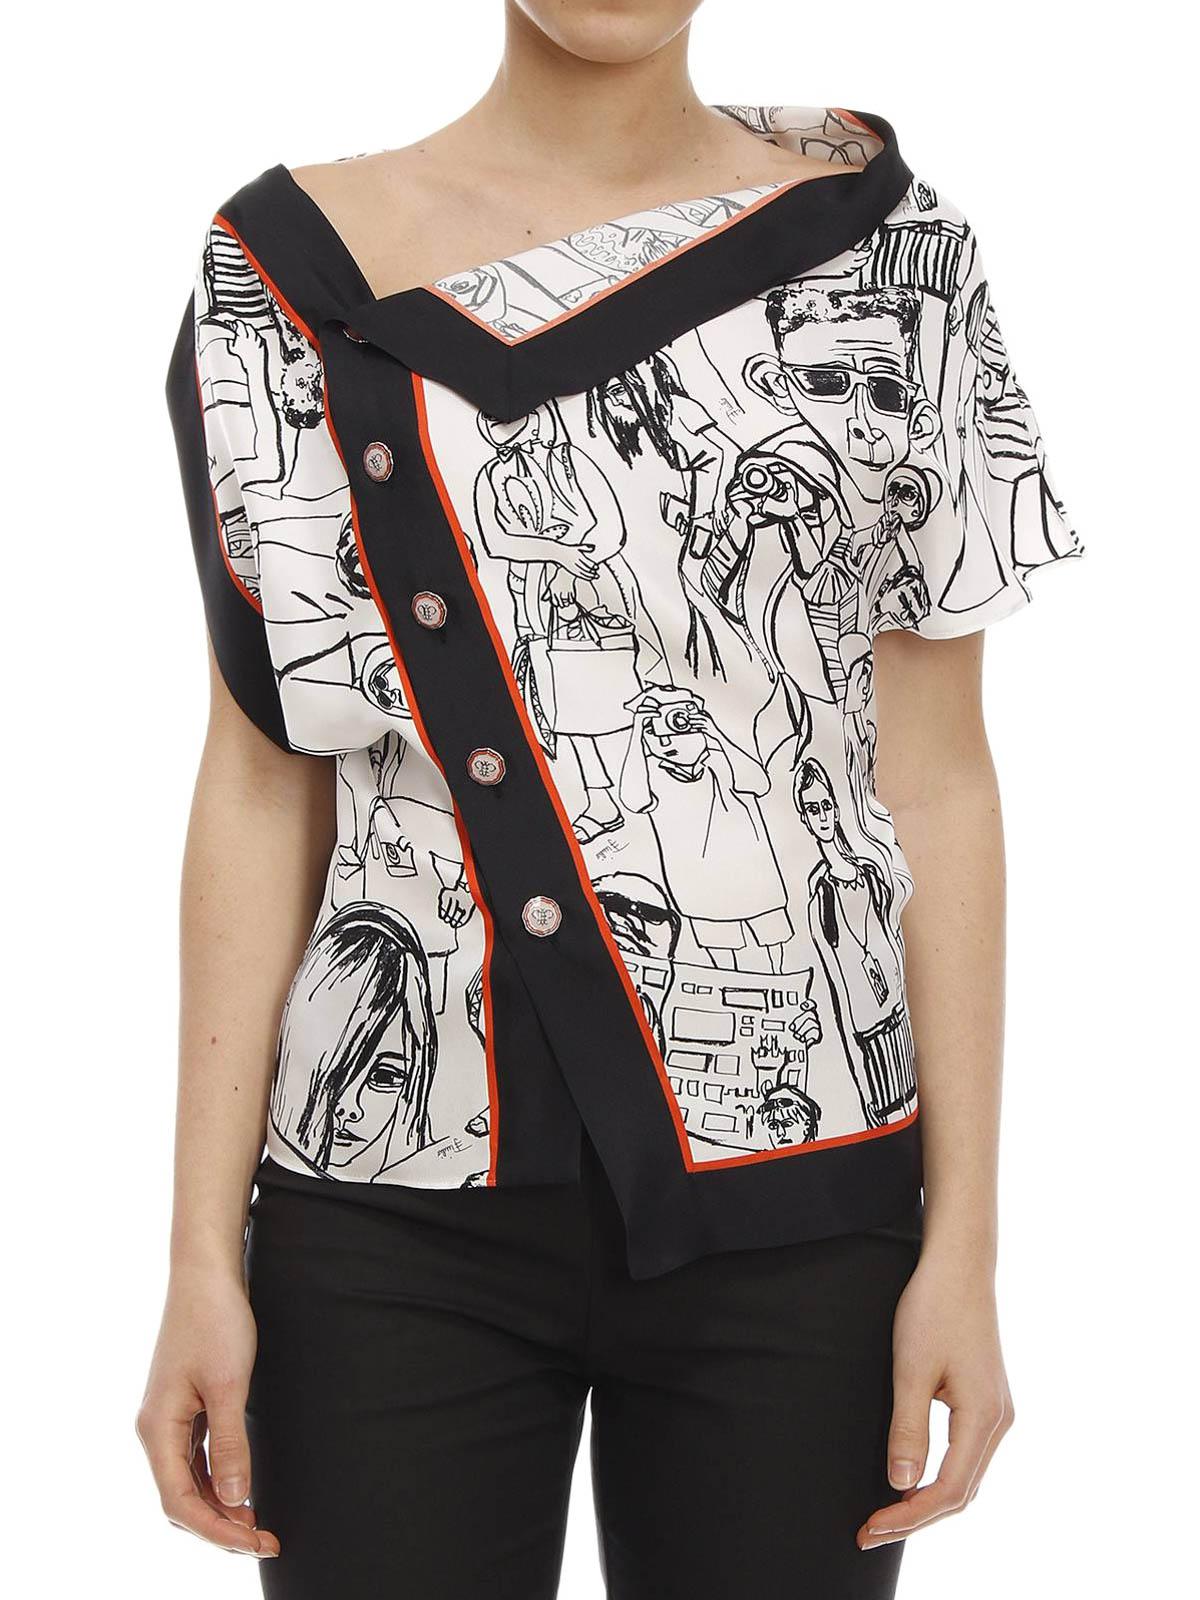 3939b6d0feb3cb Emilio Pucci - Turisti print silk blouse - blouses - 61RN91 61830 044